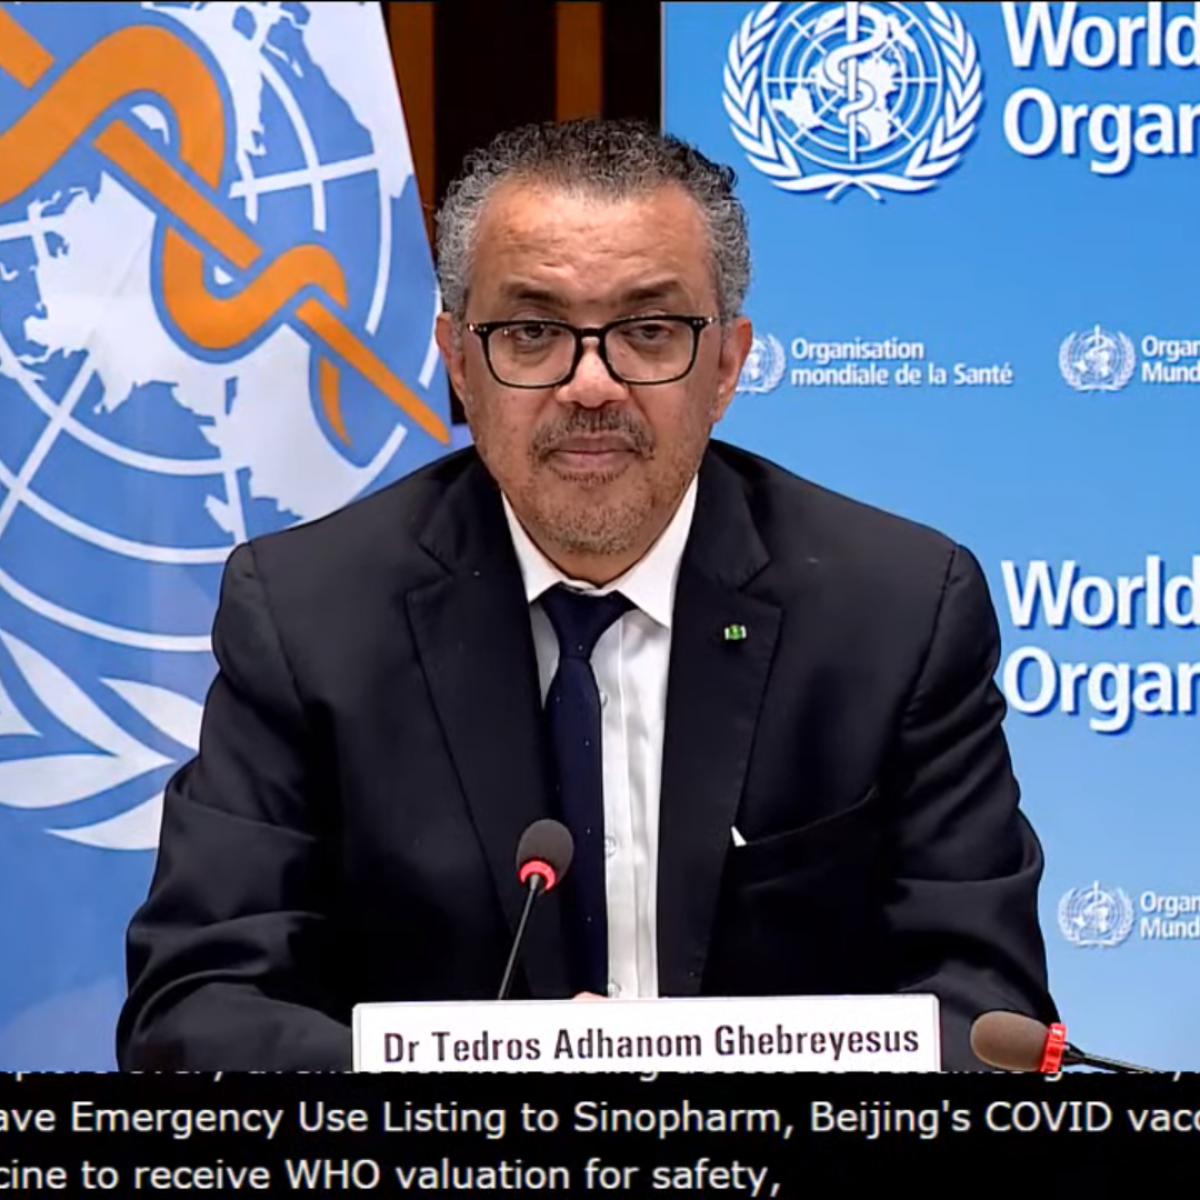 IMAGEM: OMS: China precisa cooperar mais com investigação sobre origem do novo coronavírus